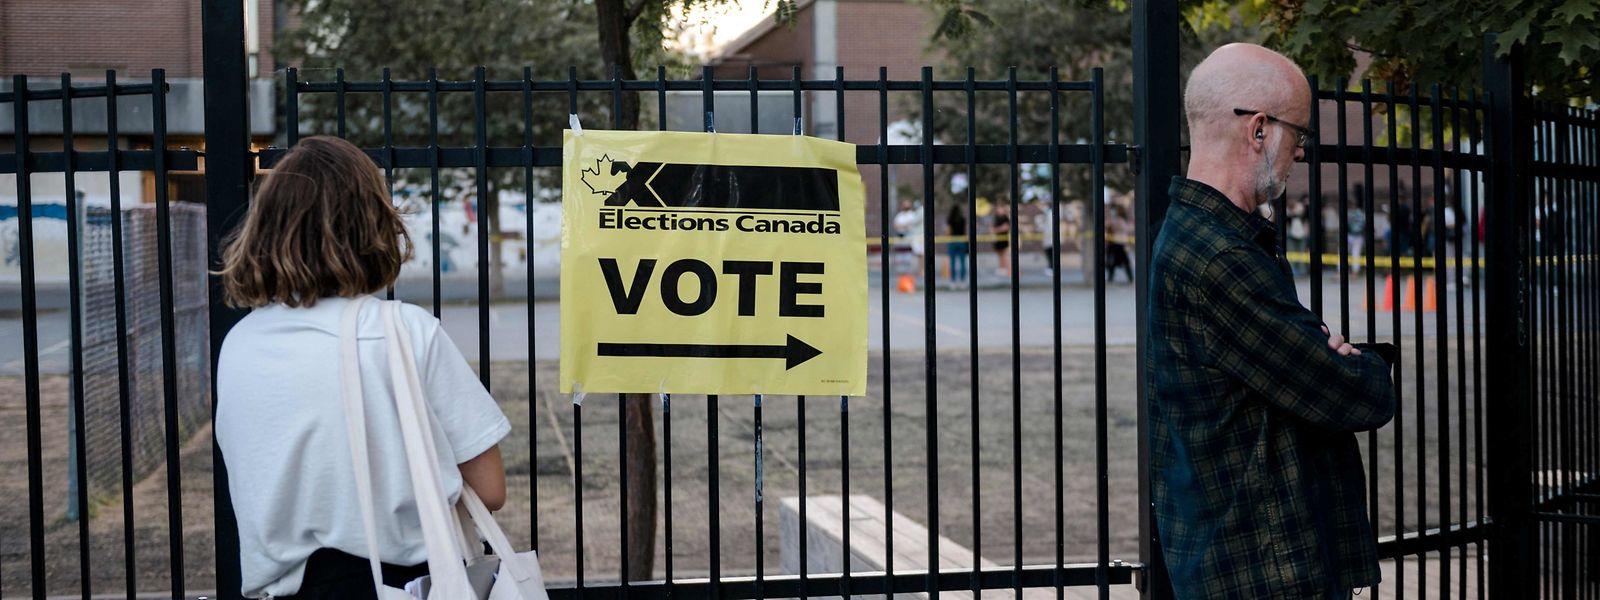 Kanadier auf dem Weg zur vorgezogenen Neuwahl. Ihre Stimme änderte letztlich kaum etwas an den bestehenden Mehrheiten.